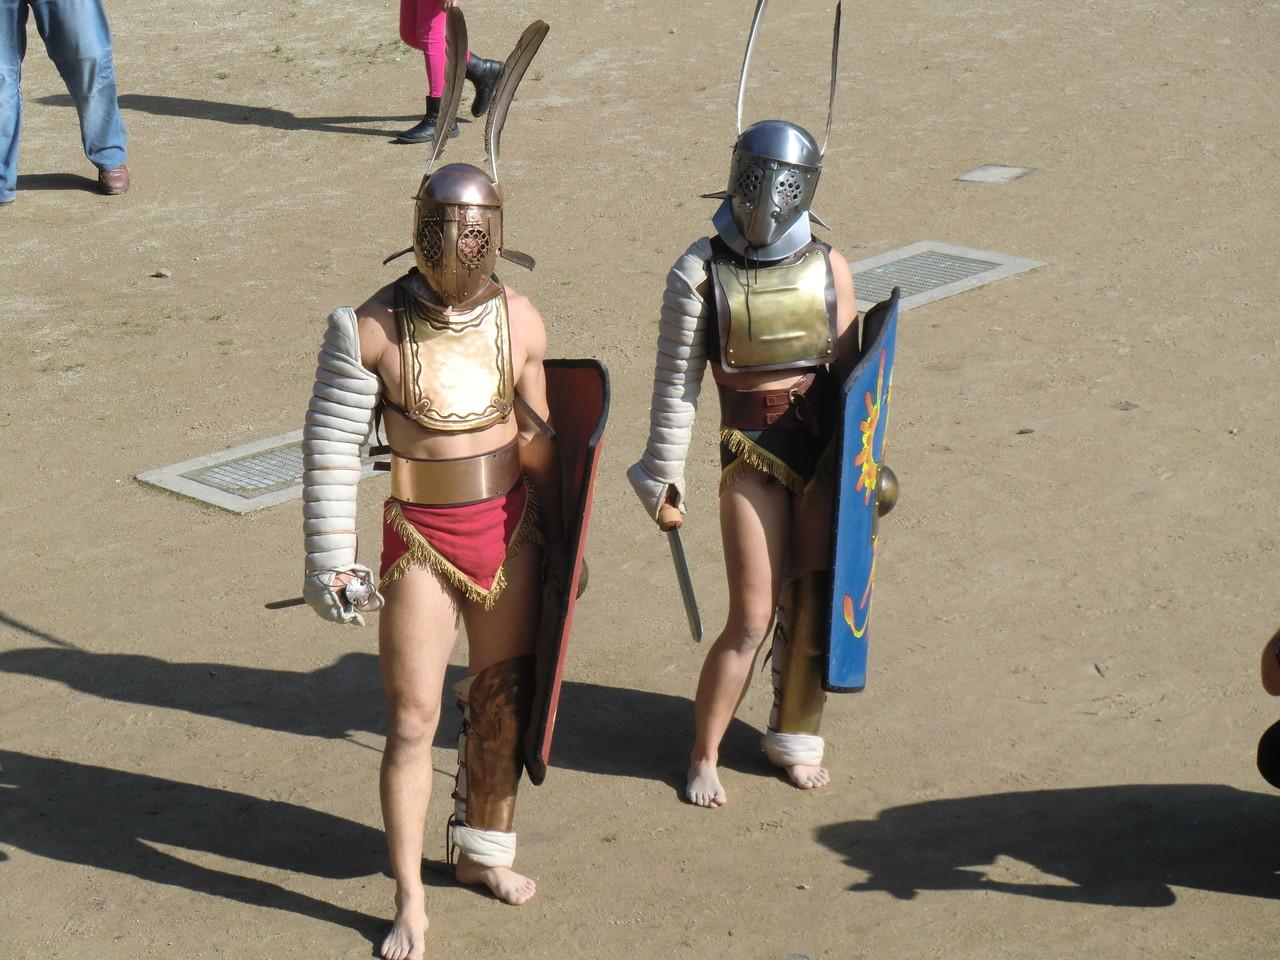 männlicher und weiblicher Gladiator